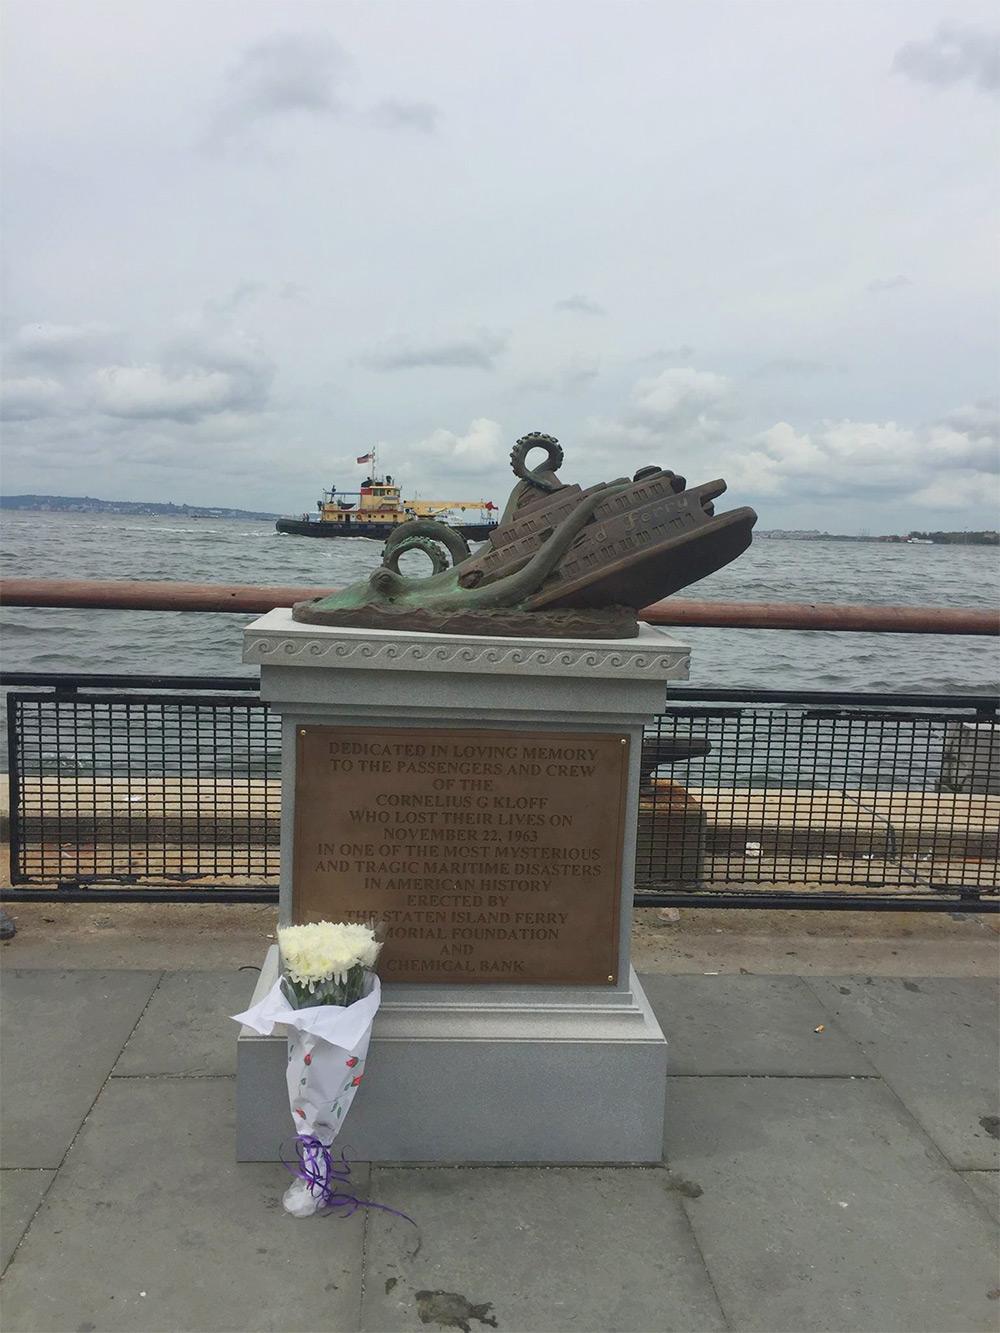 Атака гигантского осьминога: бронзовый памятник событию, которого не было в действительности